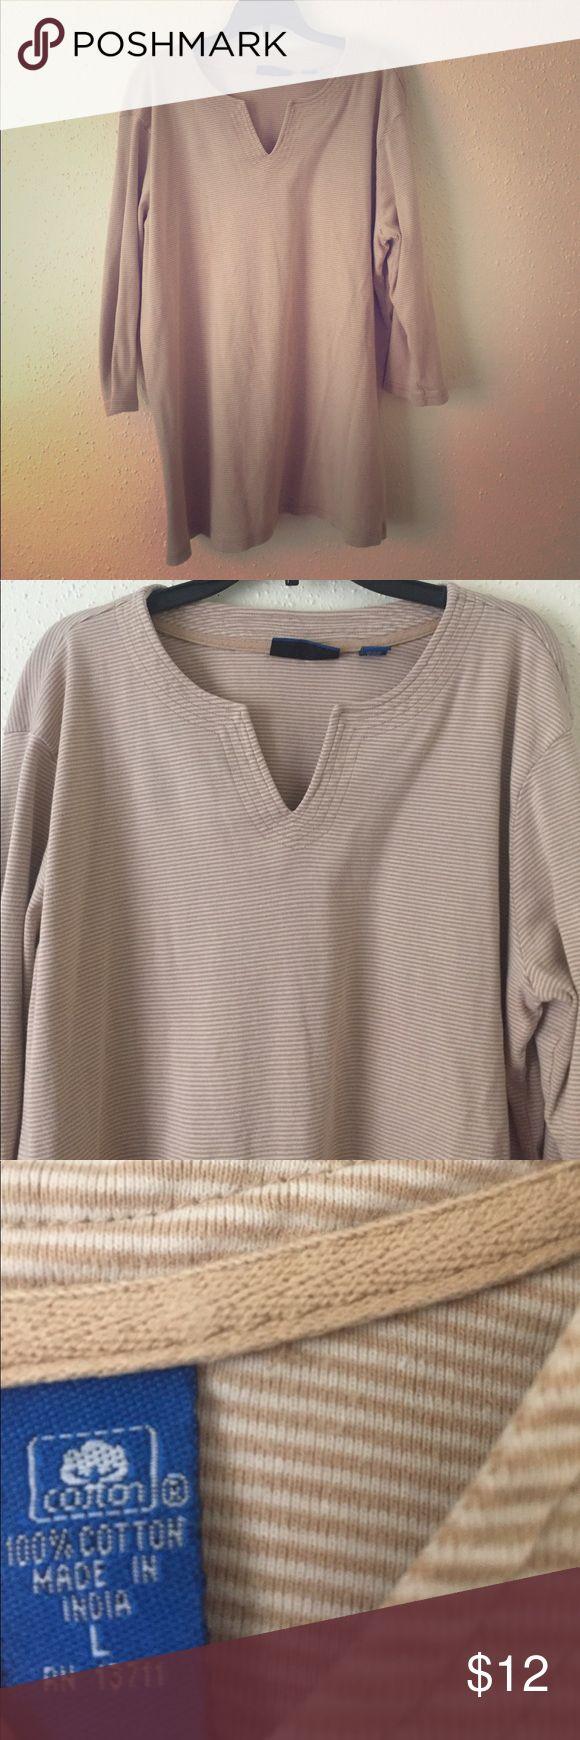 """Karen Scott Sport Cotton Top Sporty cotton top with 3/4"""" sleeves. Gently worn. Karen Scott Tops Tees - Short Sleeve"""